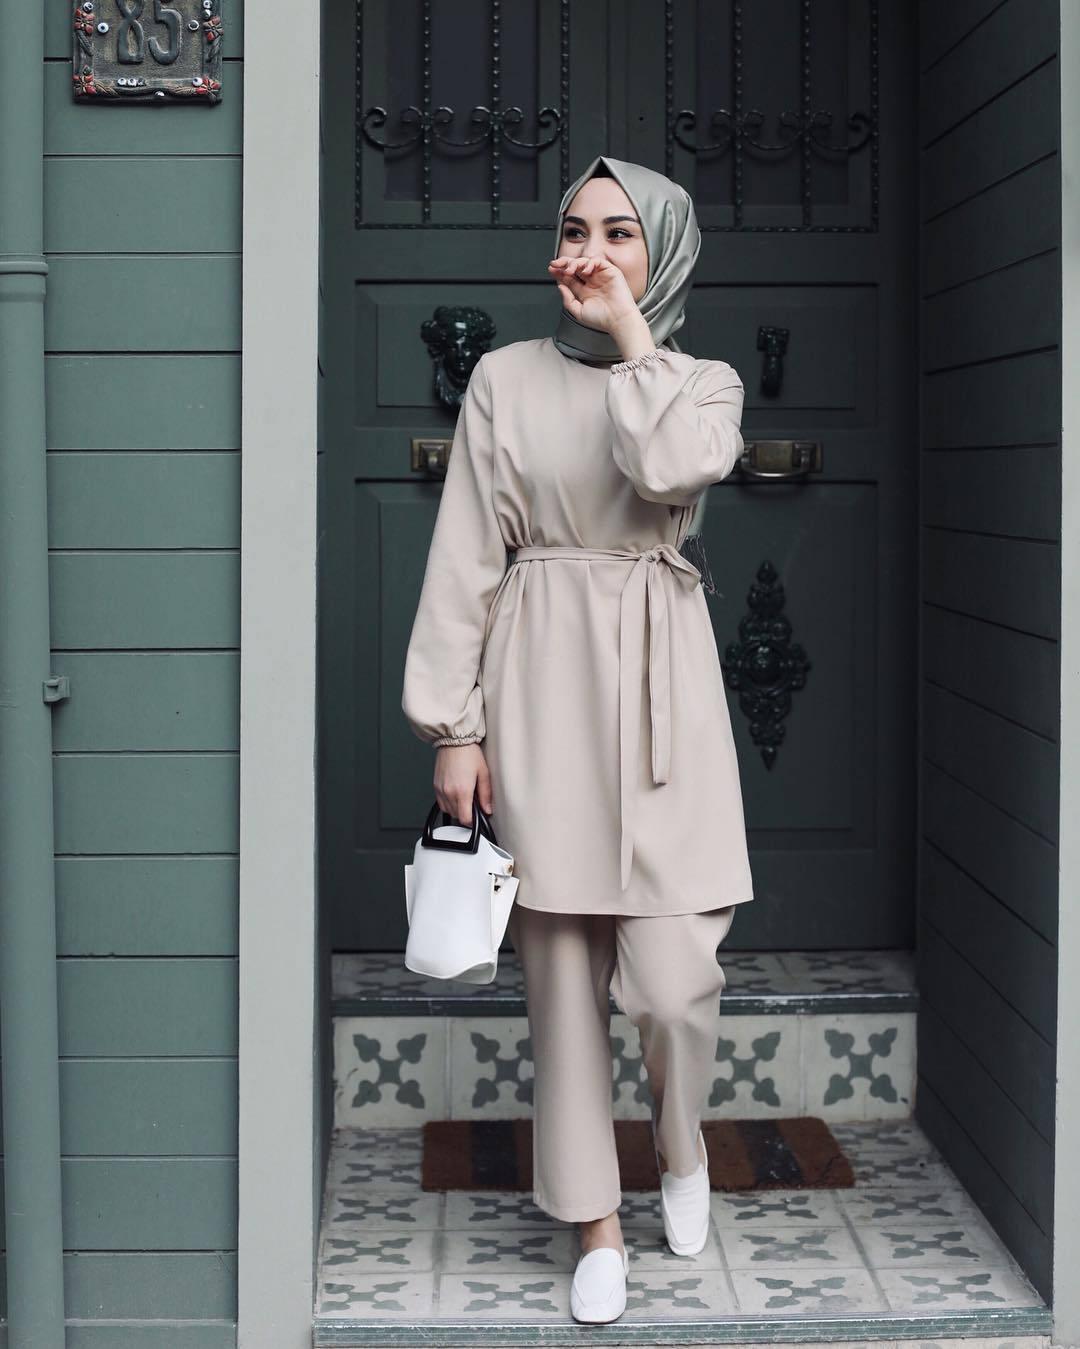 WEPBEL Plus Size do comprimento longo vestido + completa Calças Vestuário muçulmano Set Mulheres cor sólida soltos Sets Roupa das senhoras